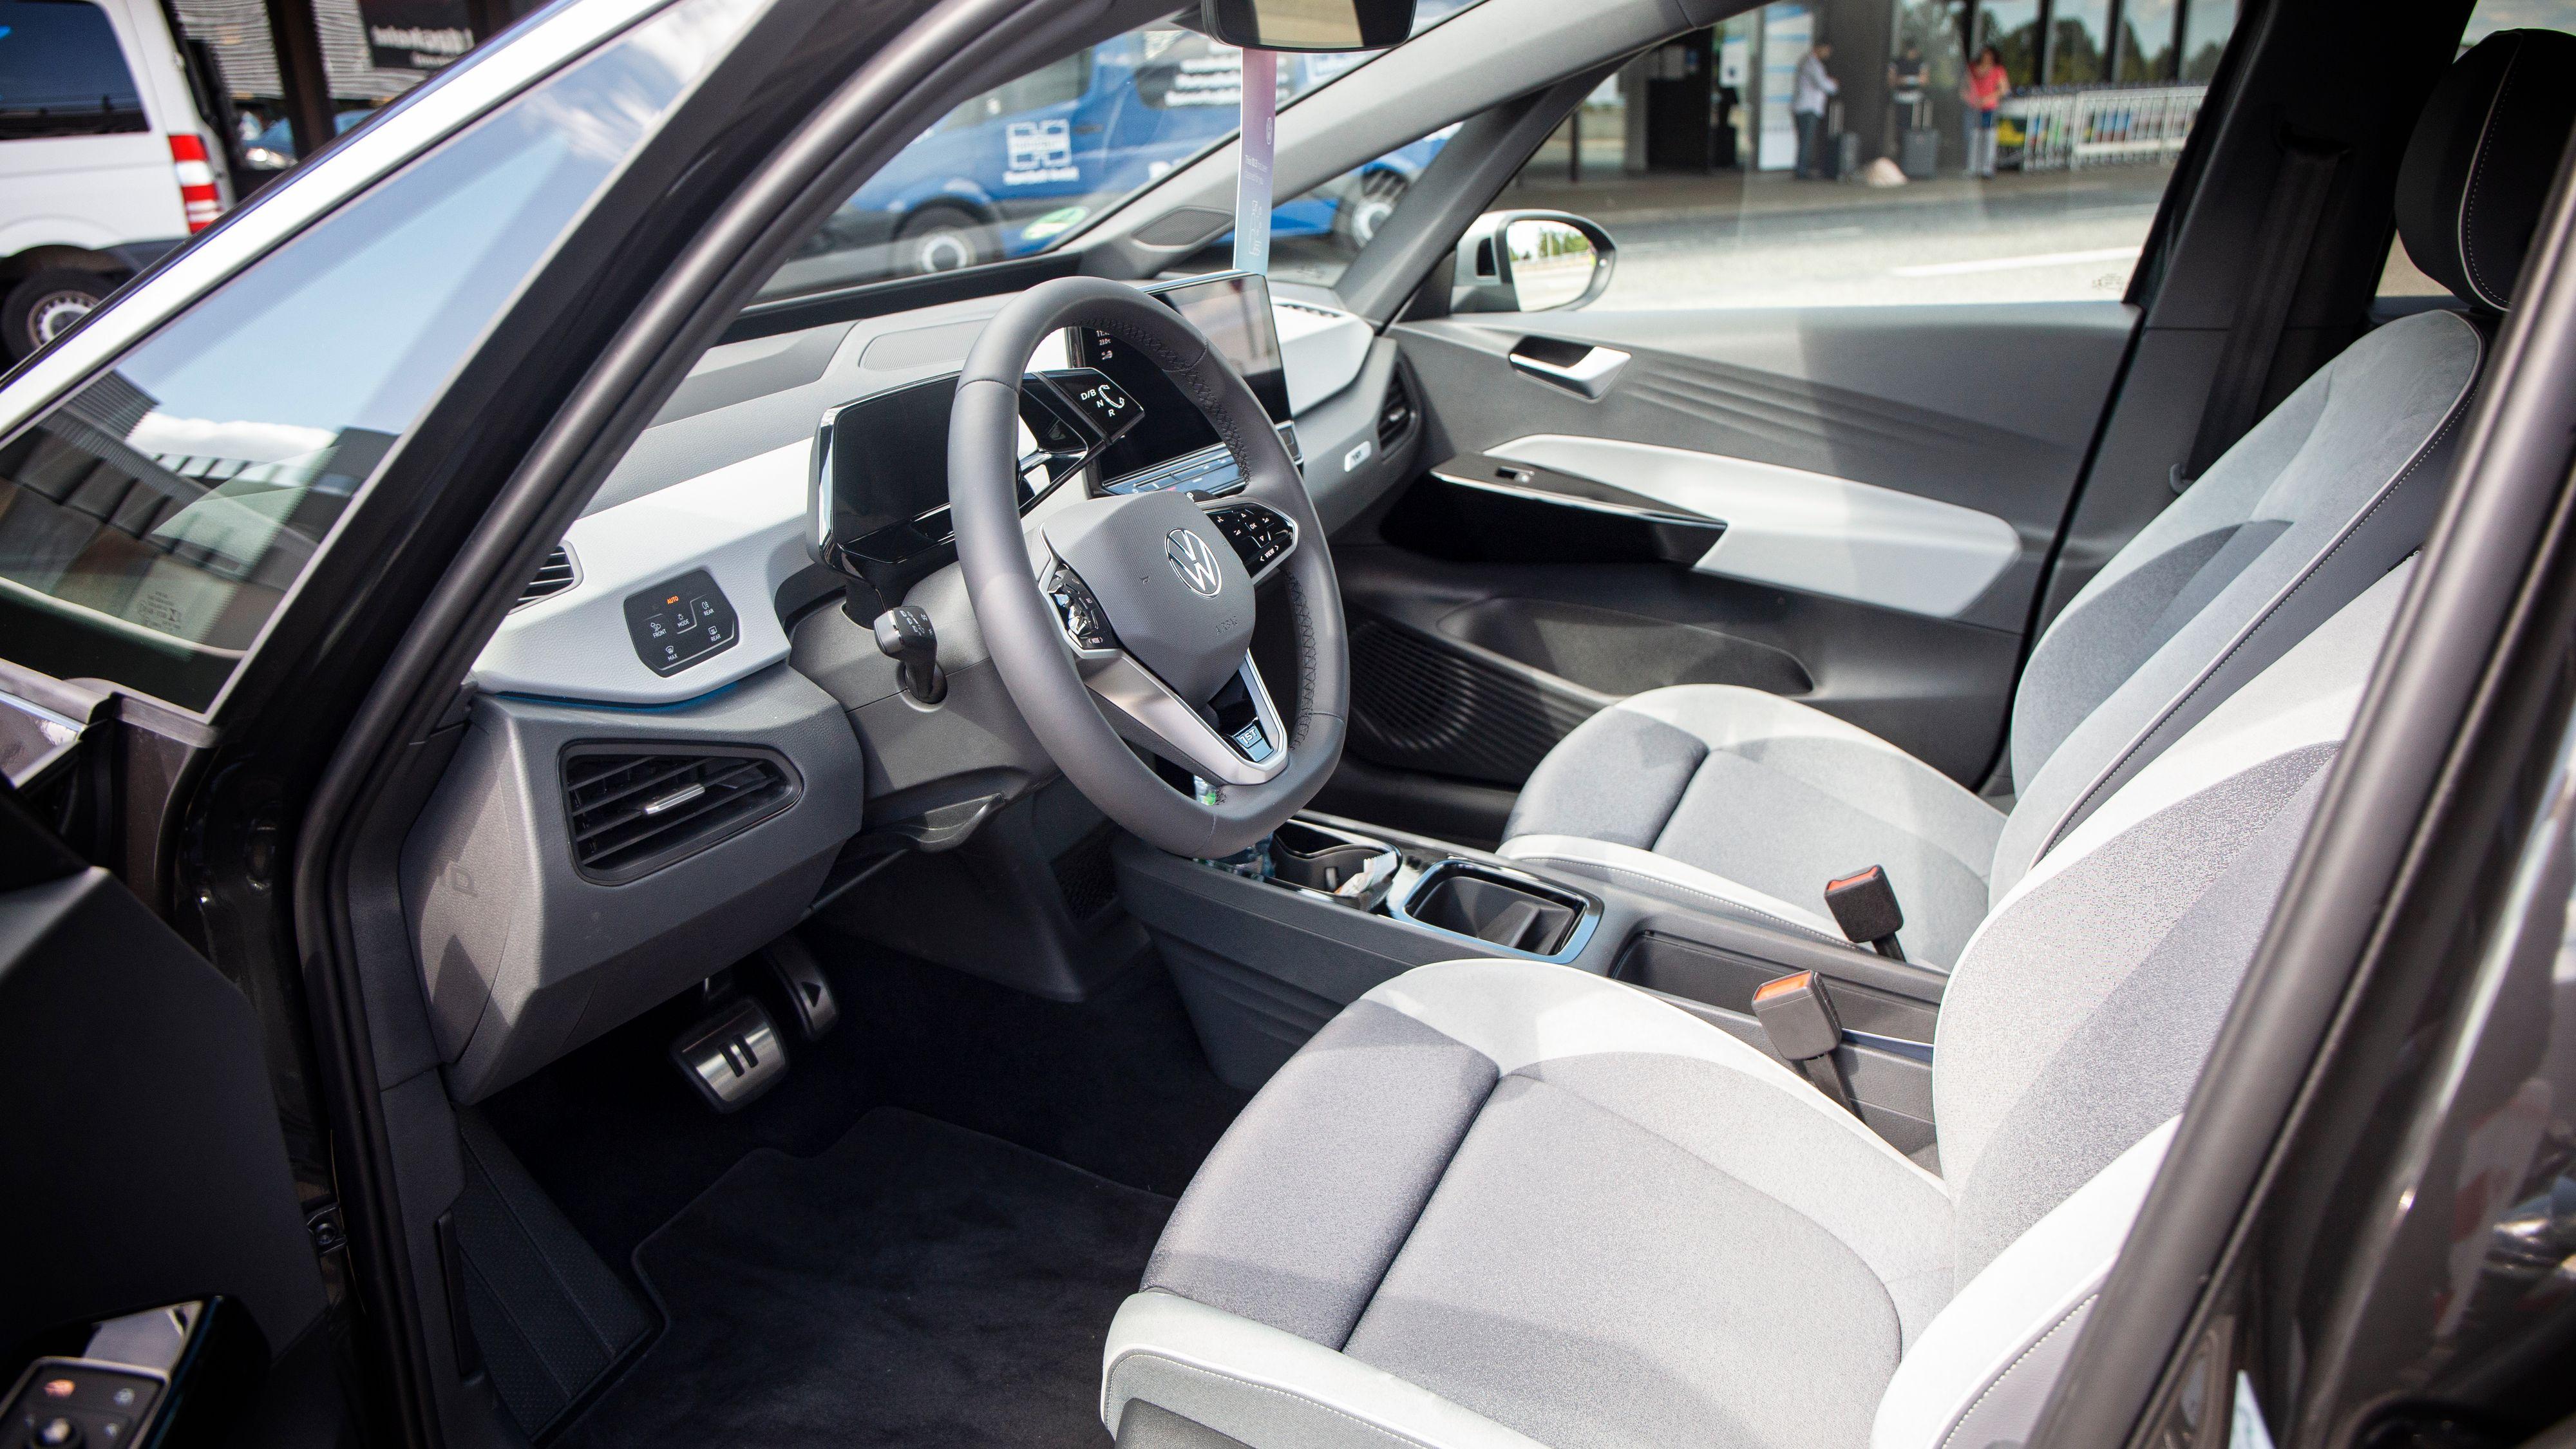 Mange nyanser av grått i Volkswagens mest påkostede interiør.